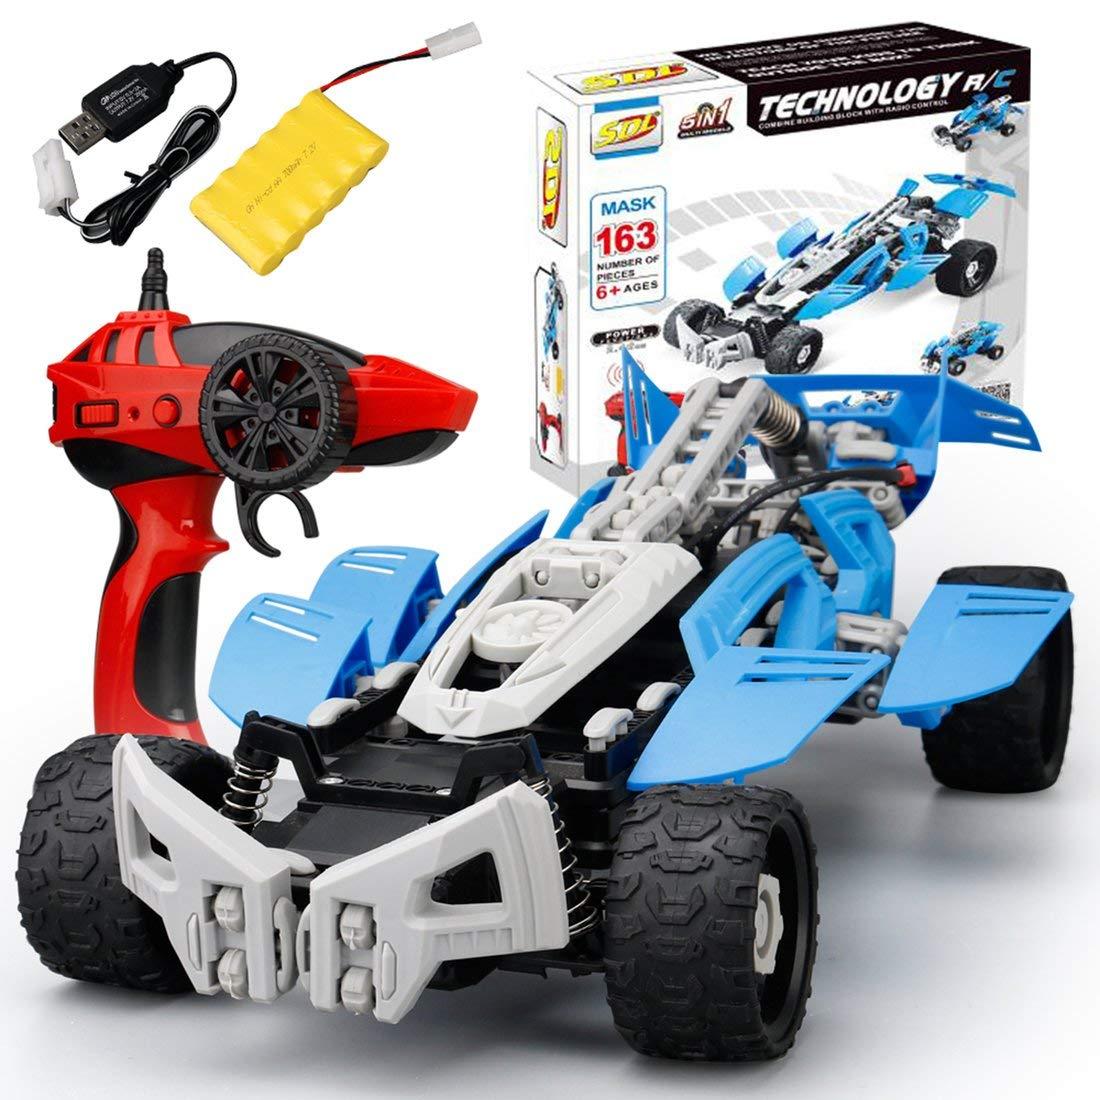 Formulaone RC Modell Spielzeugauto SDL 2017A-20 2,4 GHz 1:16 USB Ladebaustein DIY RC Autos Fernbedienung Spielzeug Crawler Modell Crawler-Blau